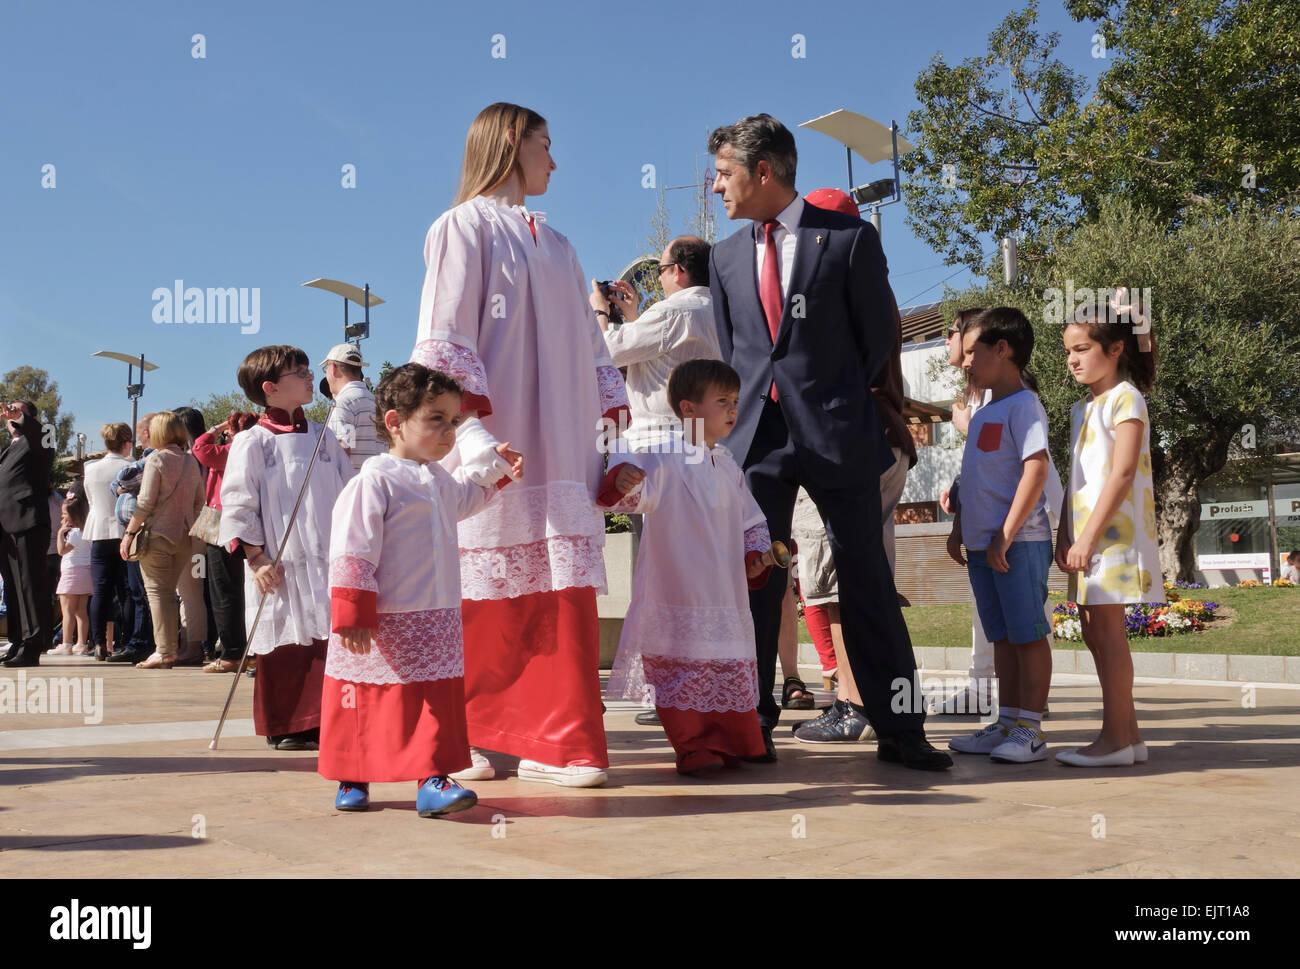 Kinder religiöse Prozession, während der Osterwoche, der Semana Santa in Fuengirola, Provinz Malaga, Spanien. Stockfoto